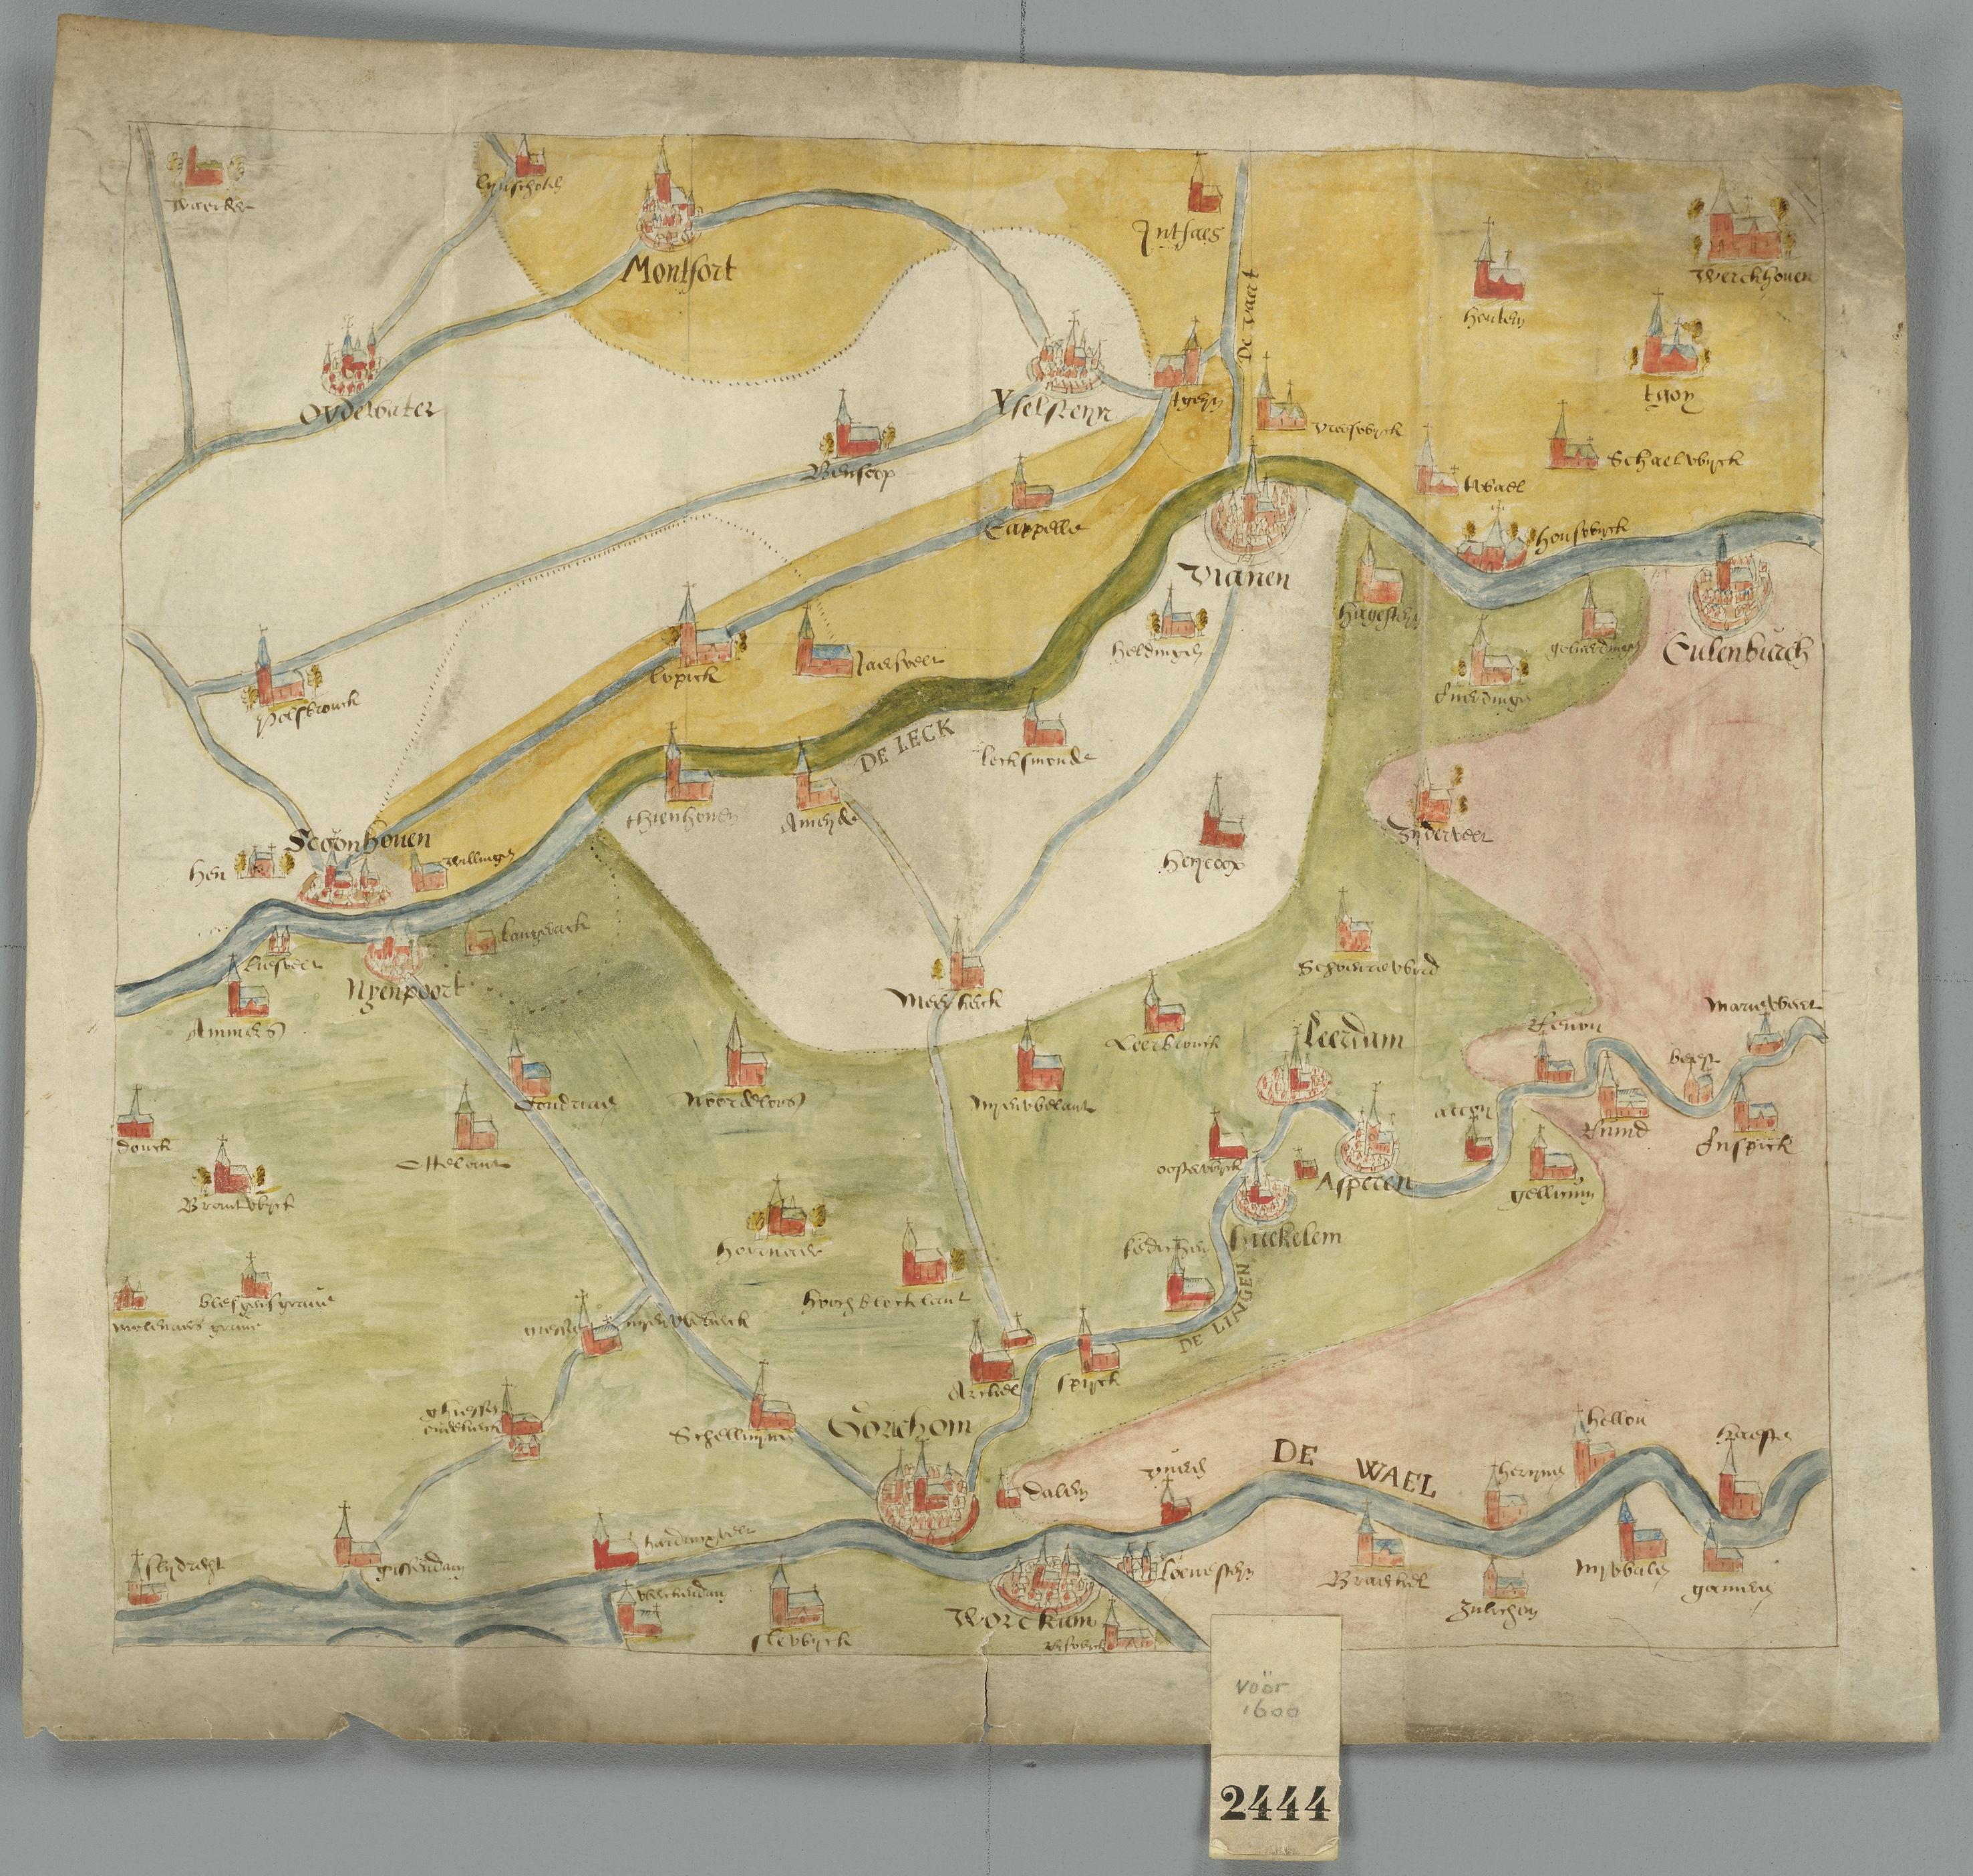 Historische Kaart Vijfheerenlanden 16e Eeuw Flickr